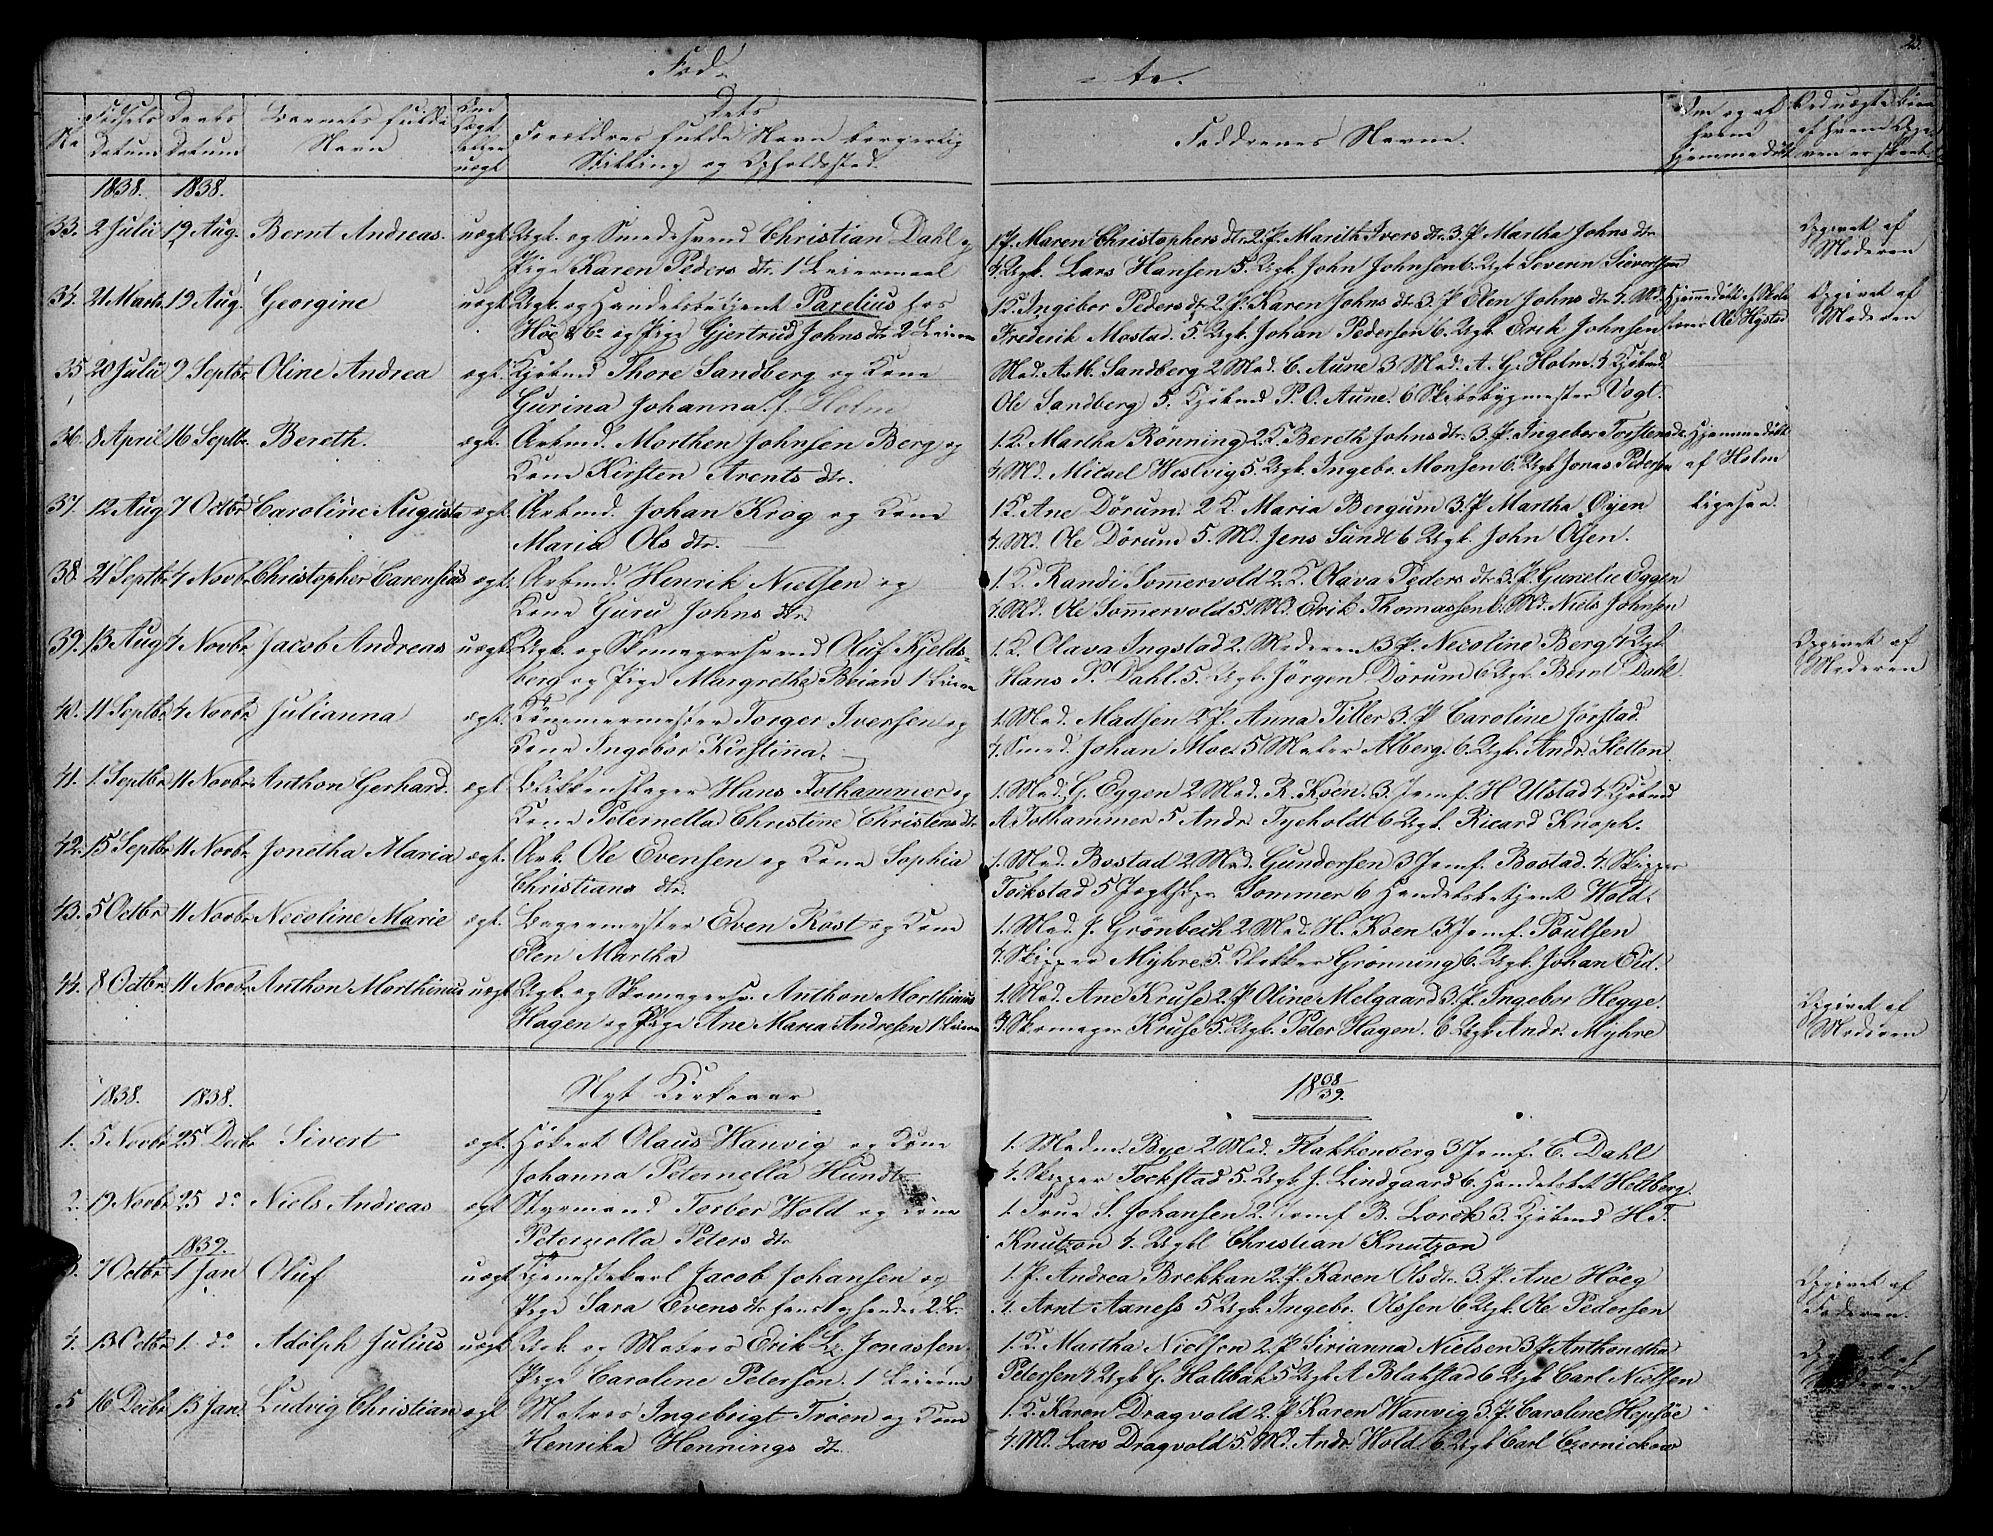 SAT, Ministerialprotokoller, klokkerbøker og fødselsregistre - Sør-Trøndelag, 604/L0182: Ministerialbok nr. 604A03, 1818-1850, s. 23